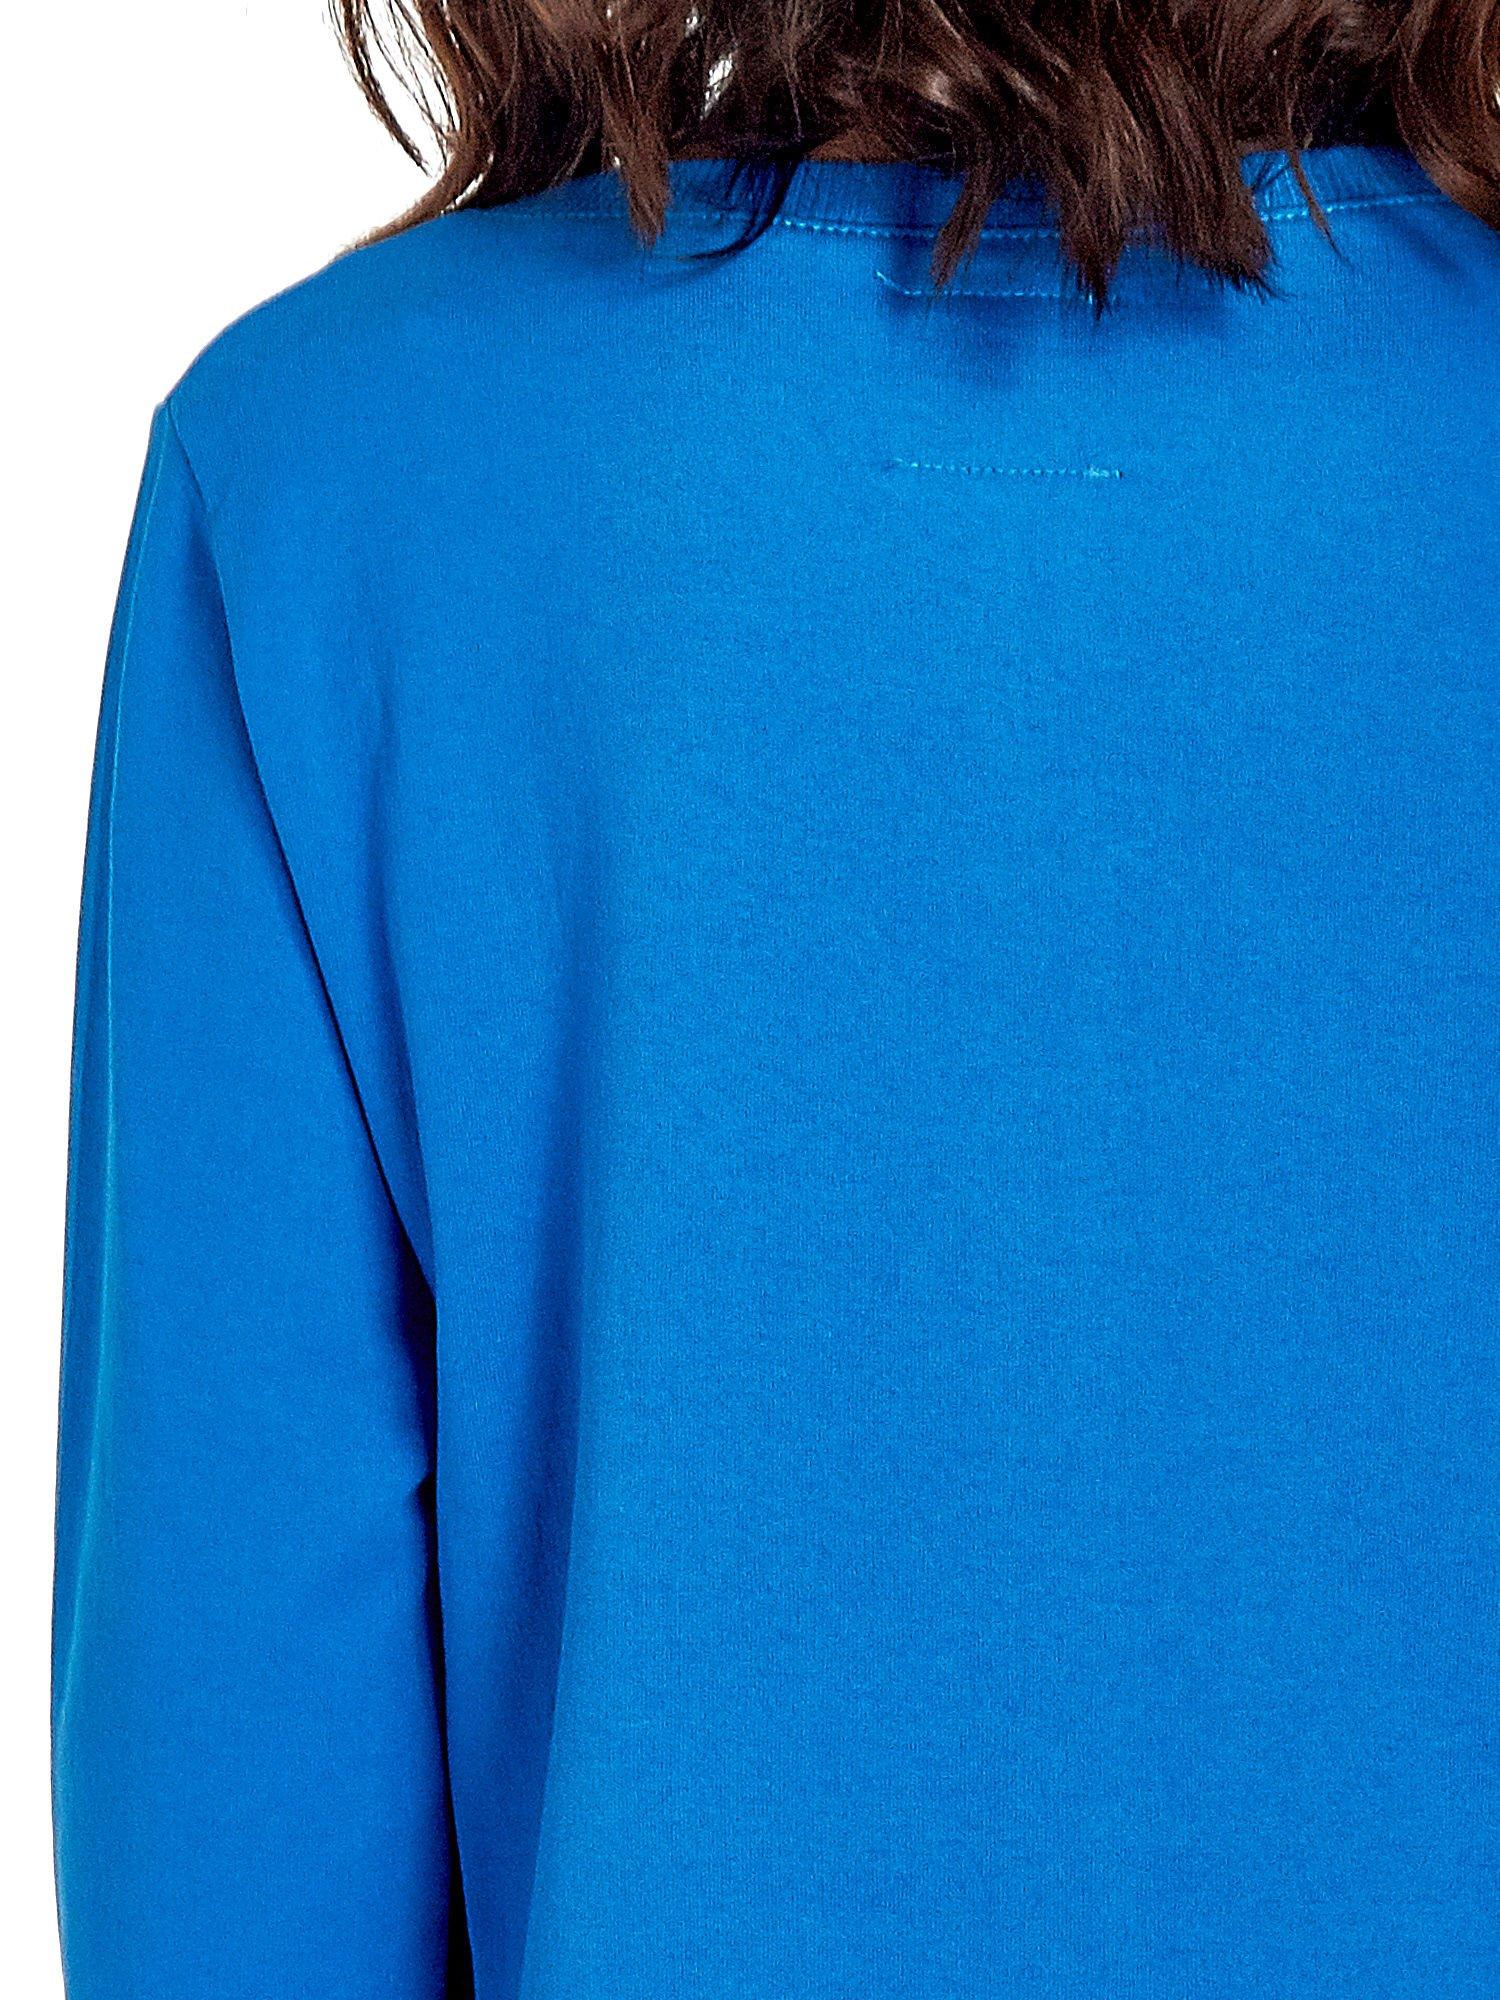 Niebieska bluza z napisem LOVE ME i dłuższym tyłem                                  zdj.                                  7